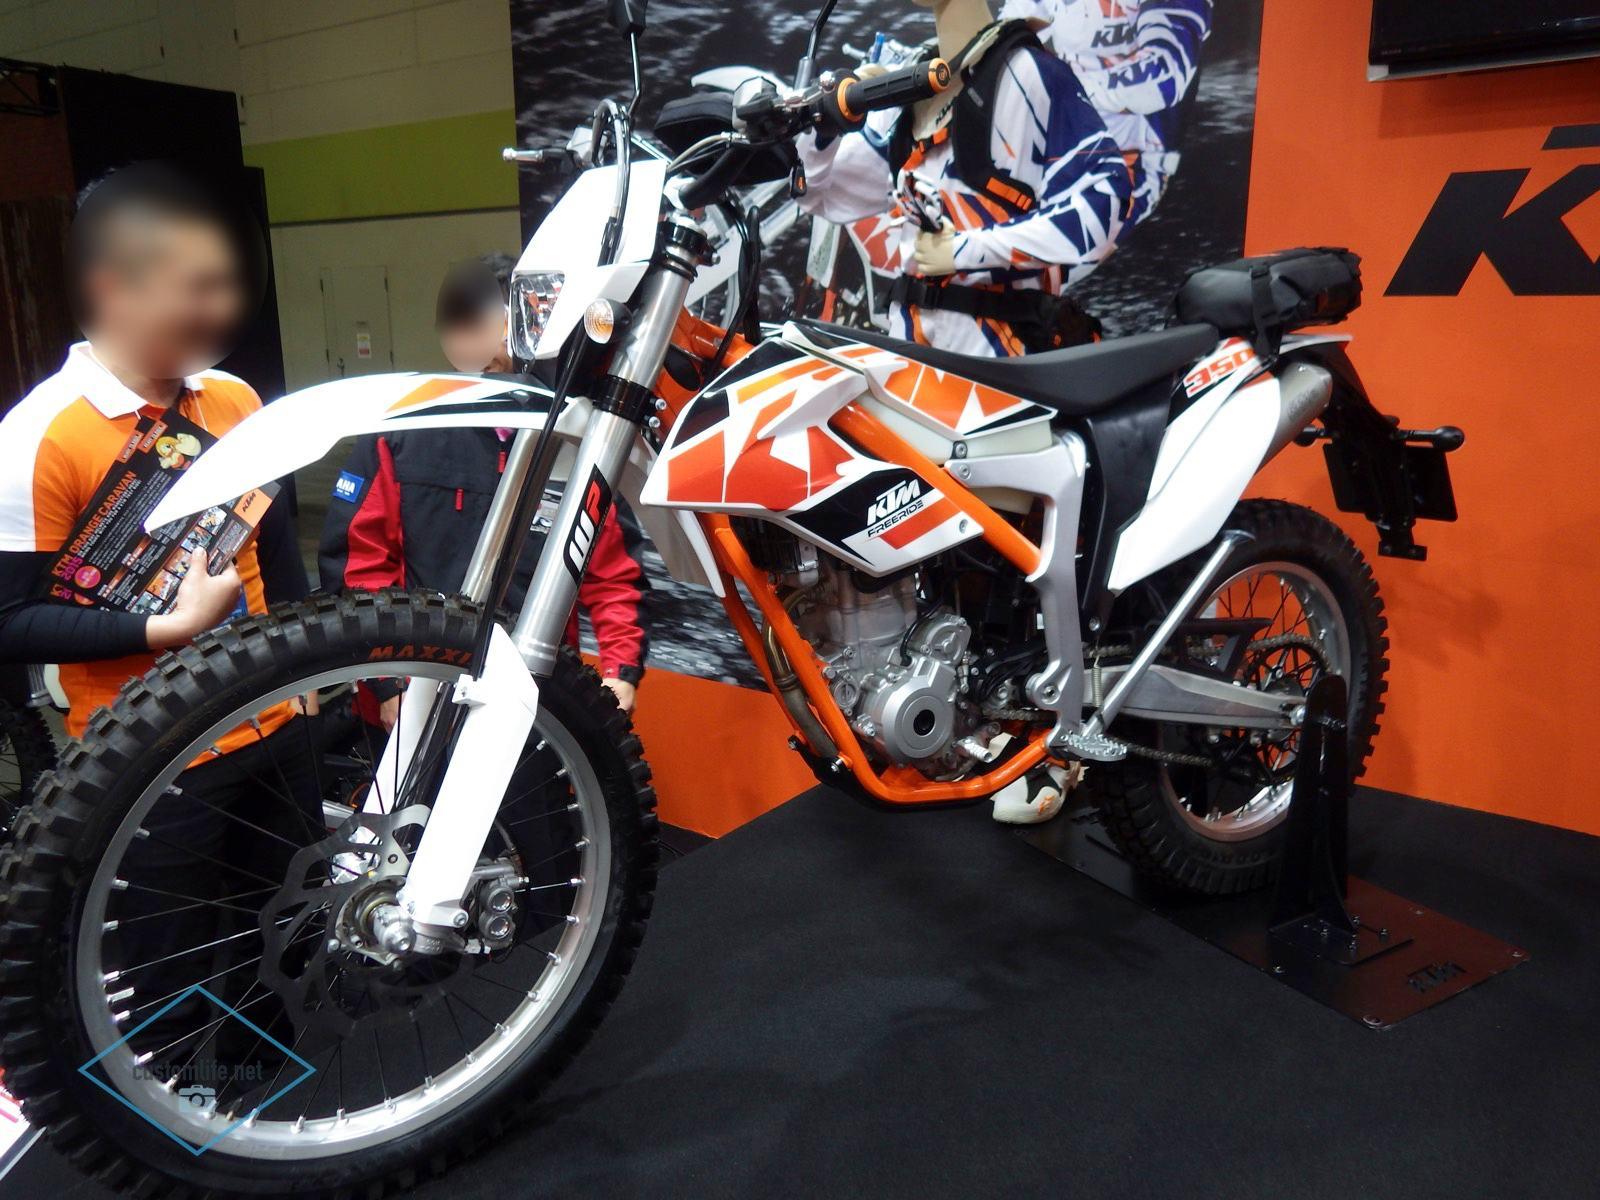 MotorcycleShow 2015 Osaka 107